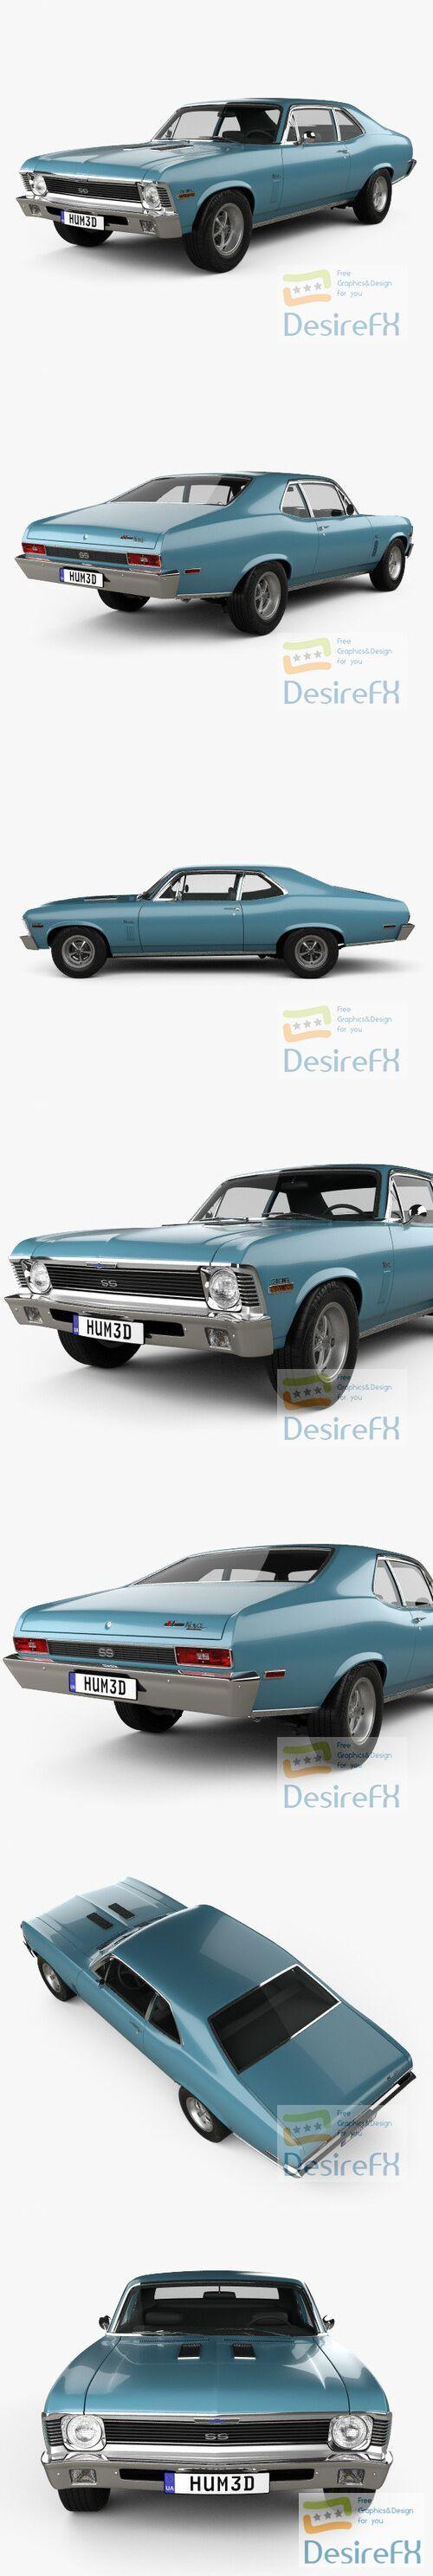 Chevrolet Nova SS 396 1970 3D Model